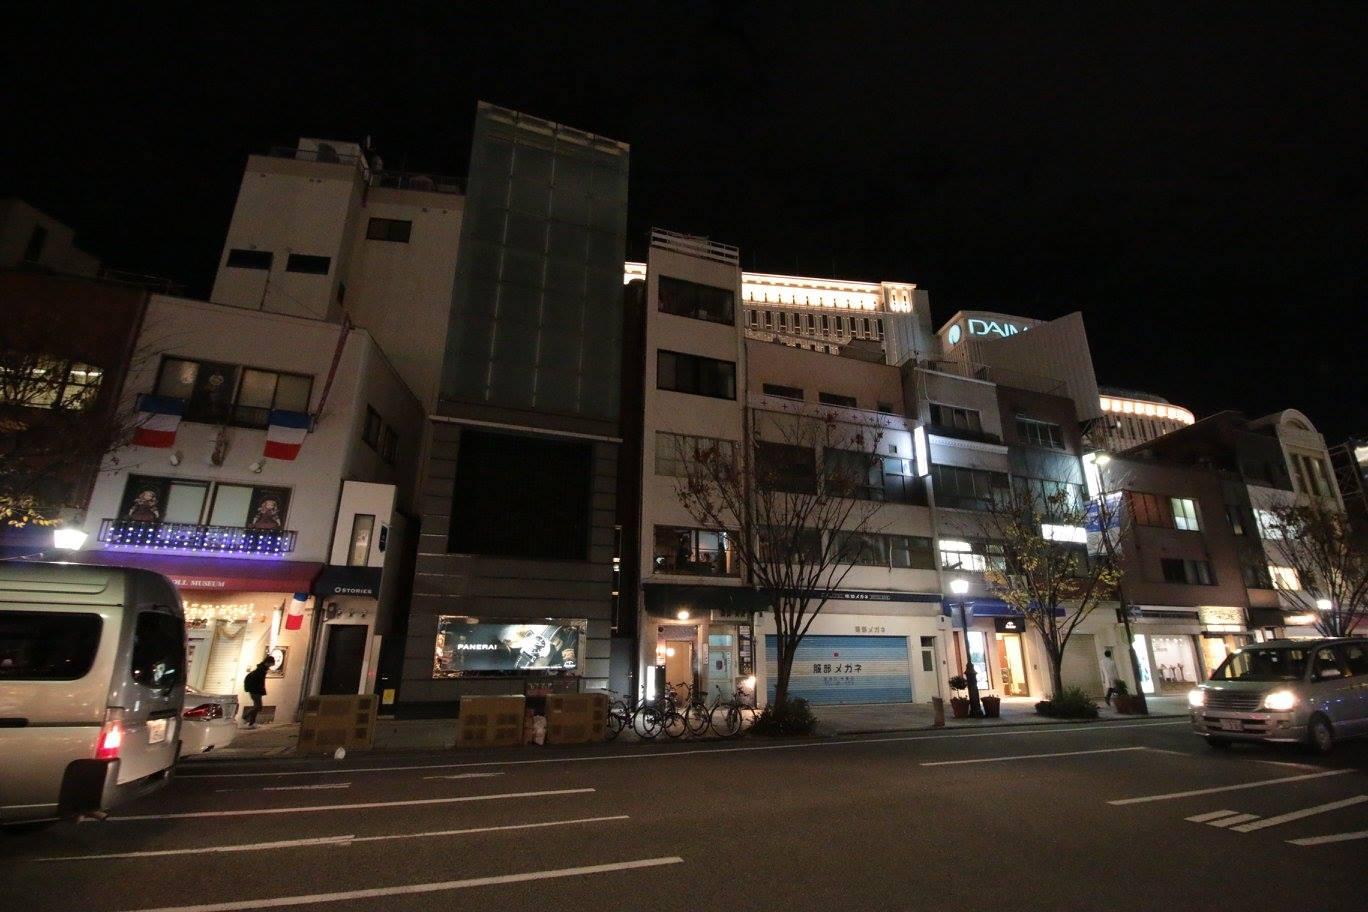 神戸デザインセンターがある三星ビル(左から3つ目)。旧居留地の大丸前に位置し、ひとつのビル内で5つの事業を展開する